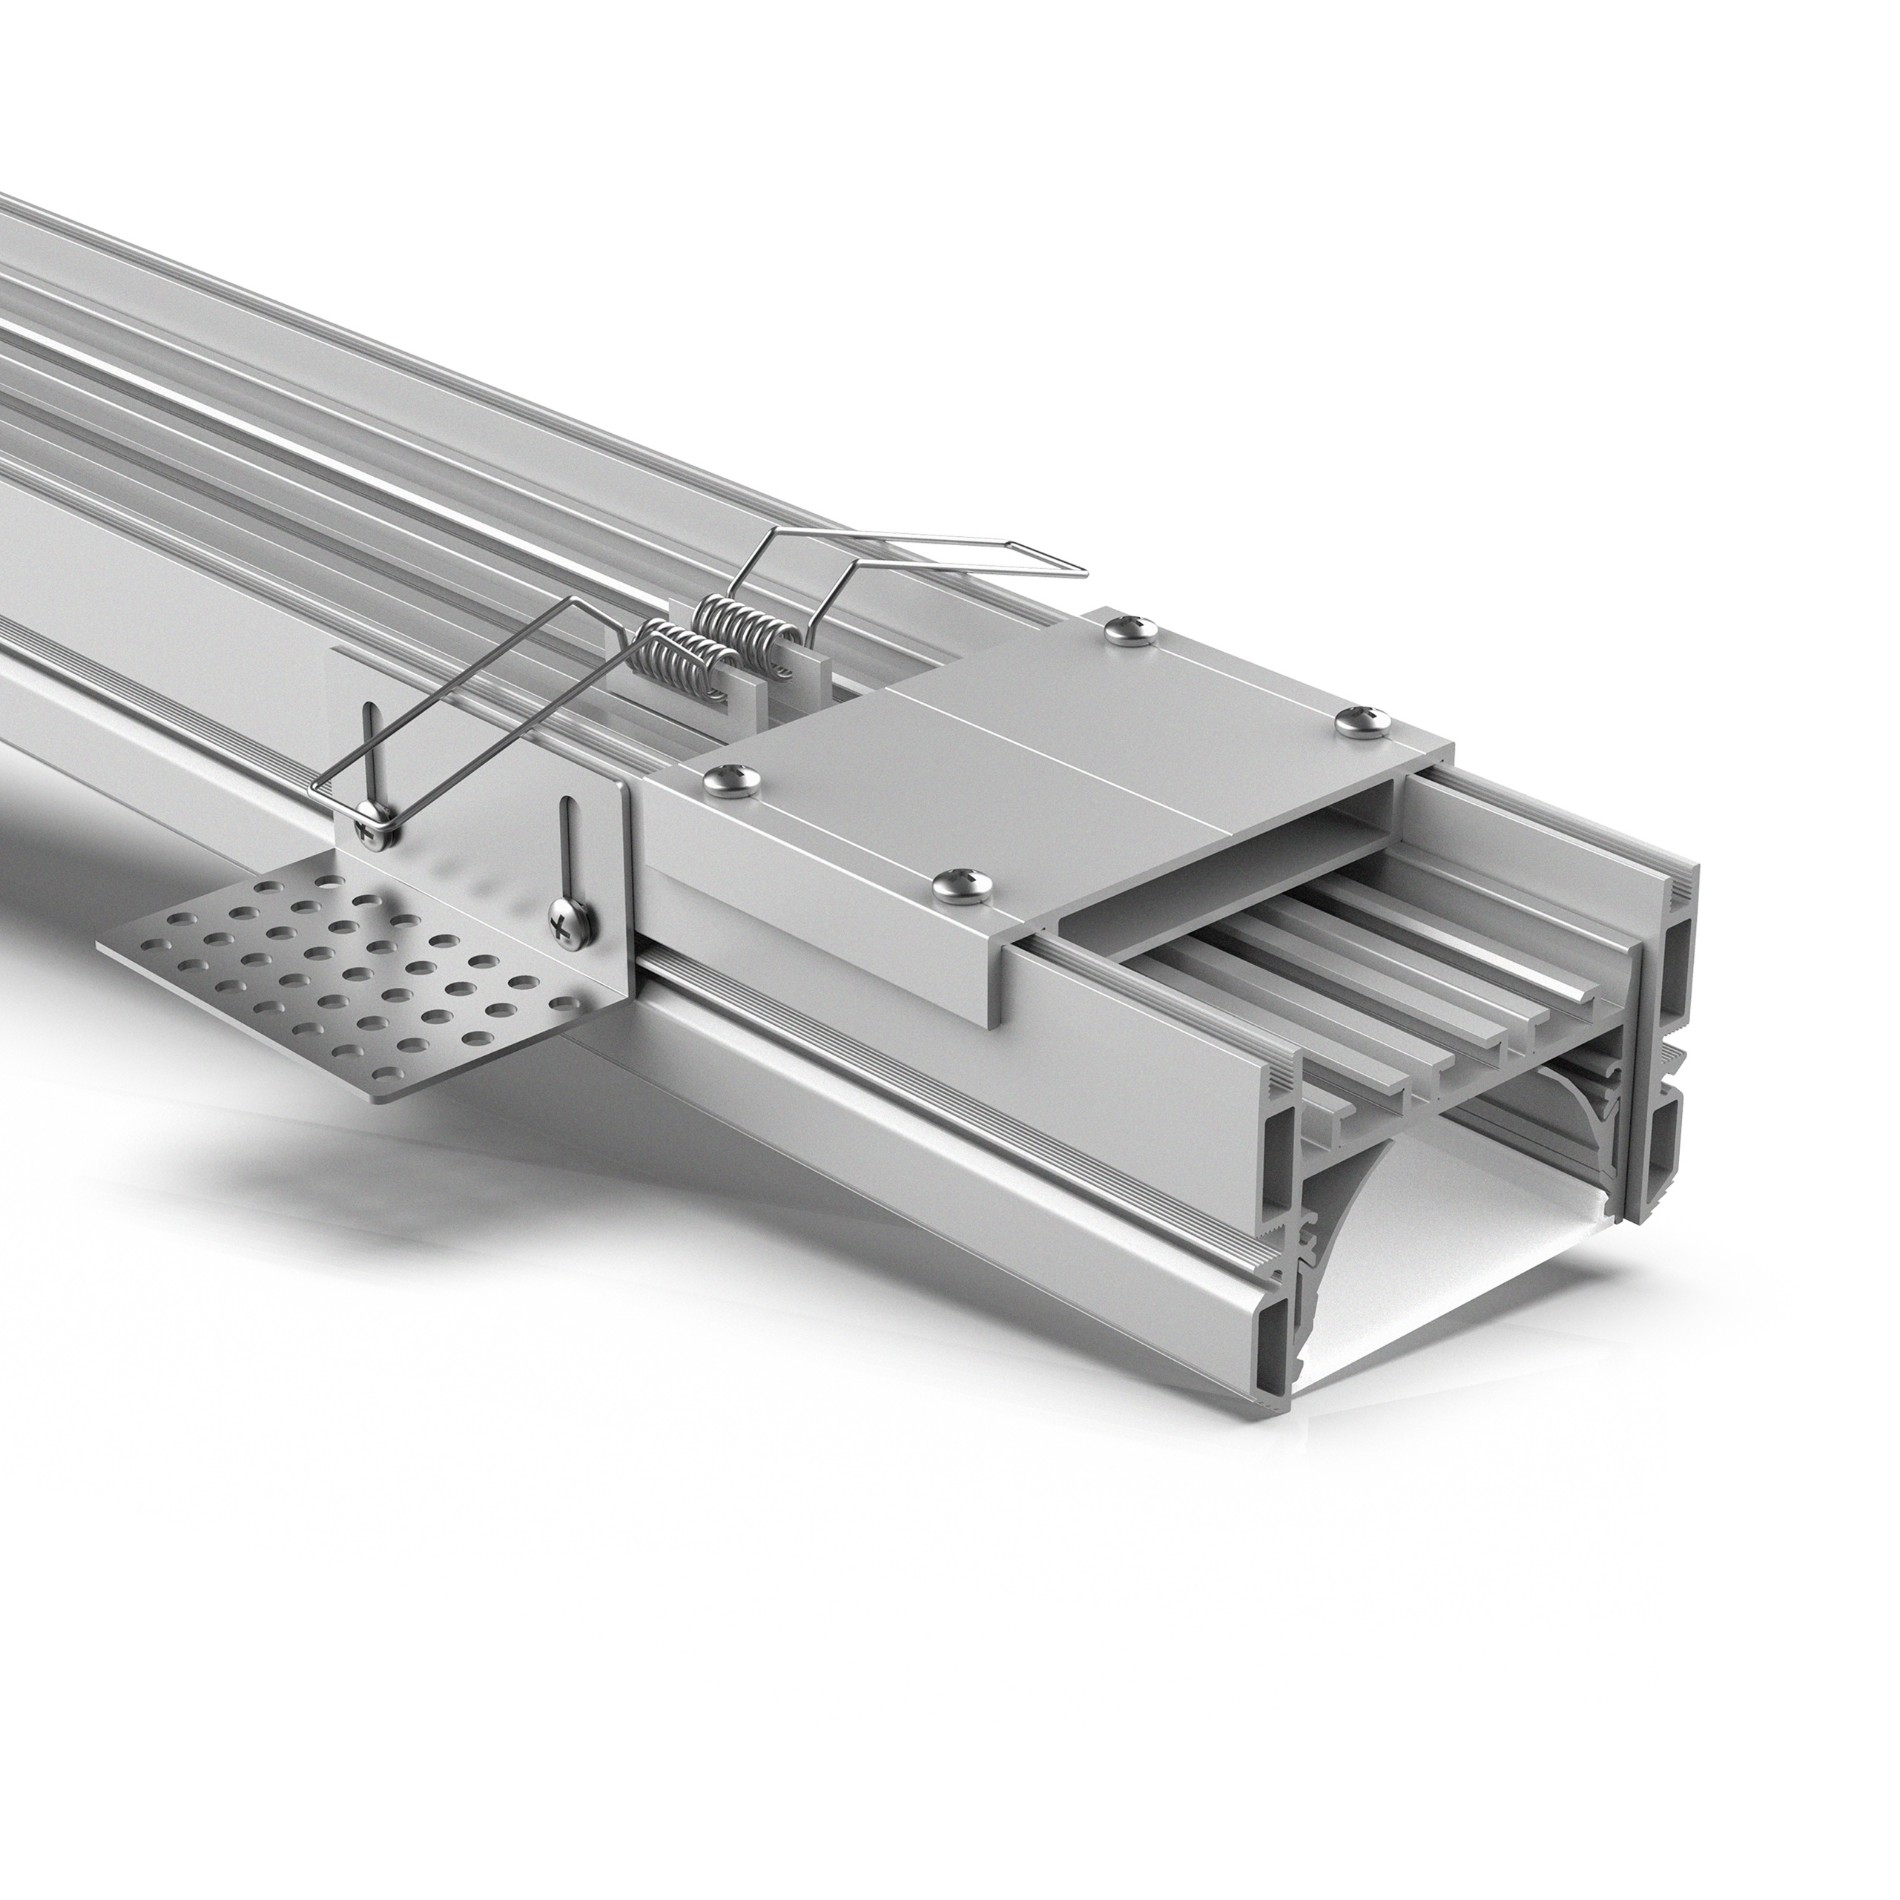 Perfil LED TR60 60mm Trimless para techo de yeso 74.7x48mm